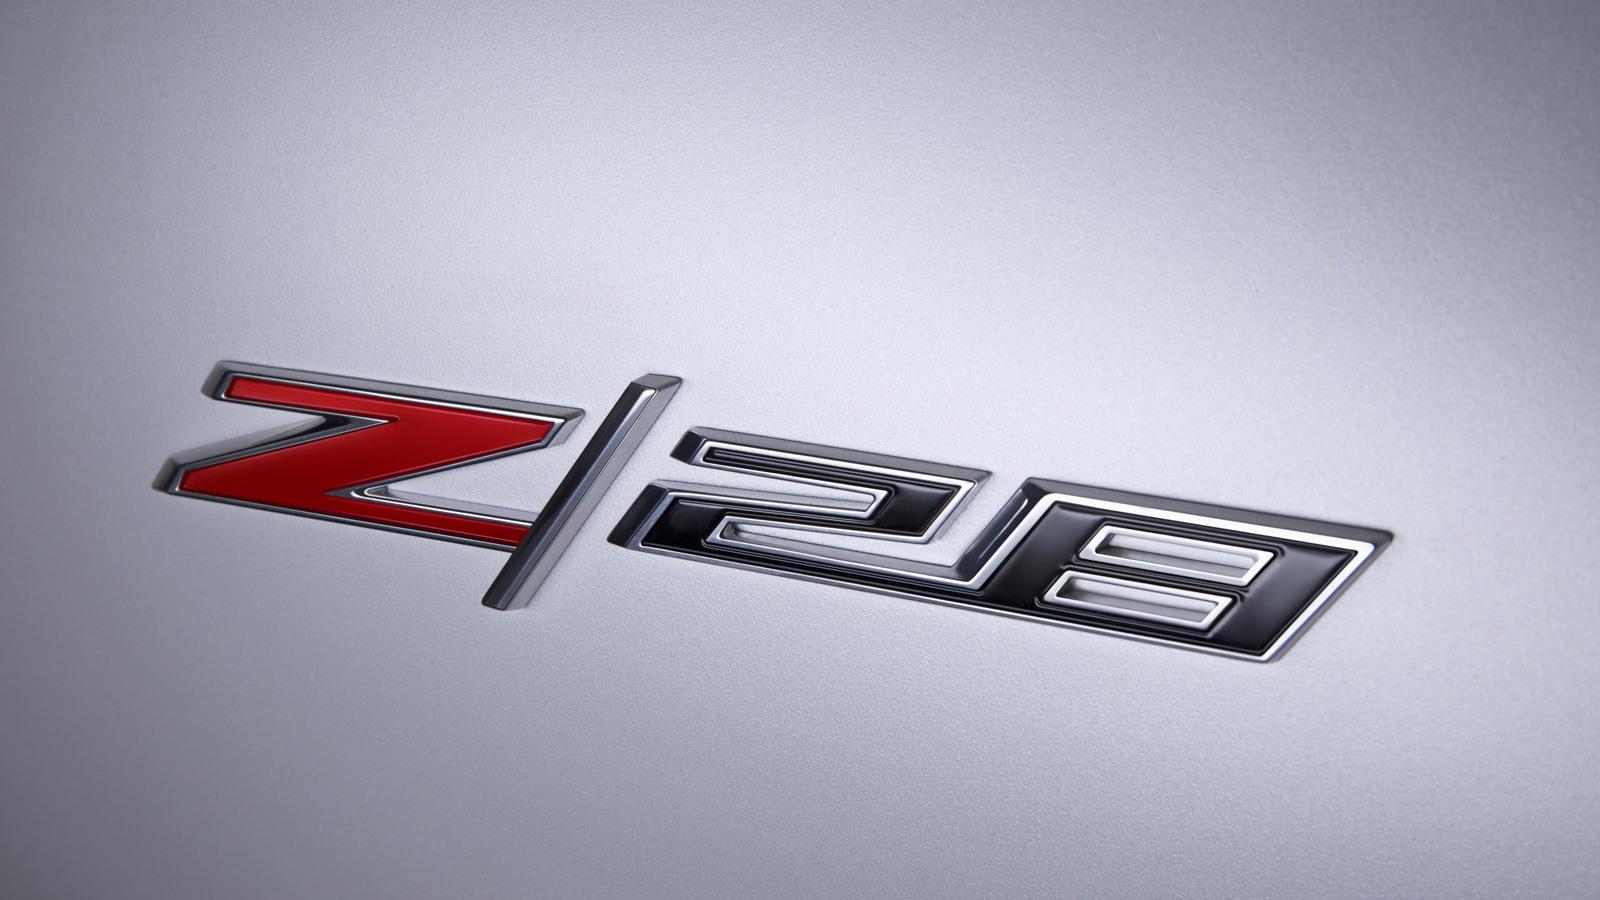 2014 Chevrolet Camaro Z/28